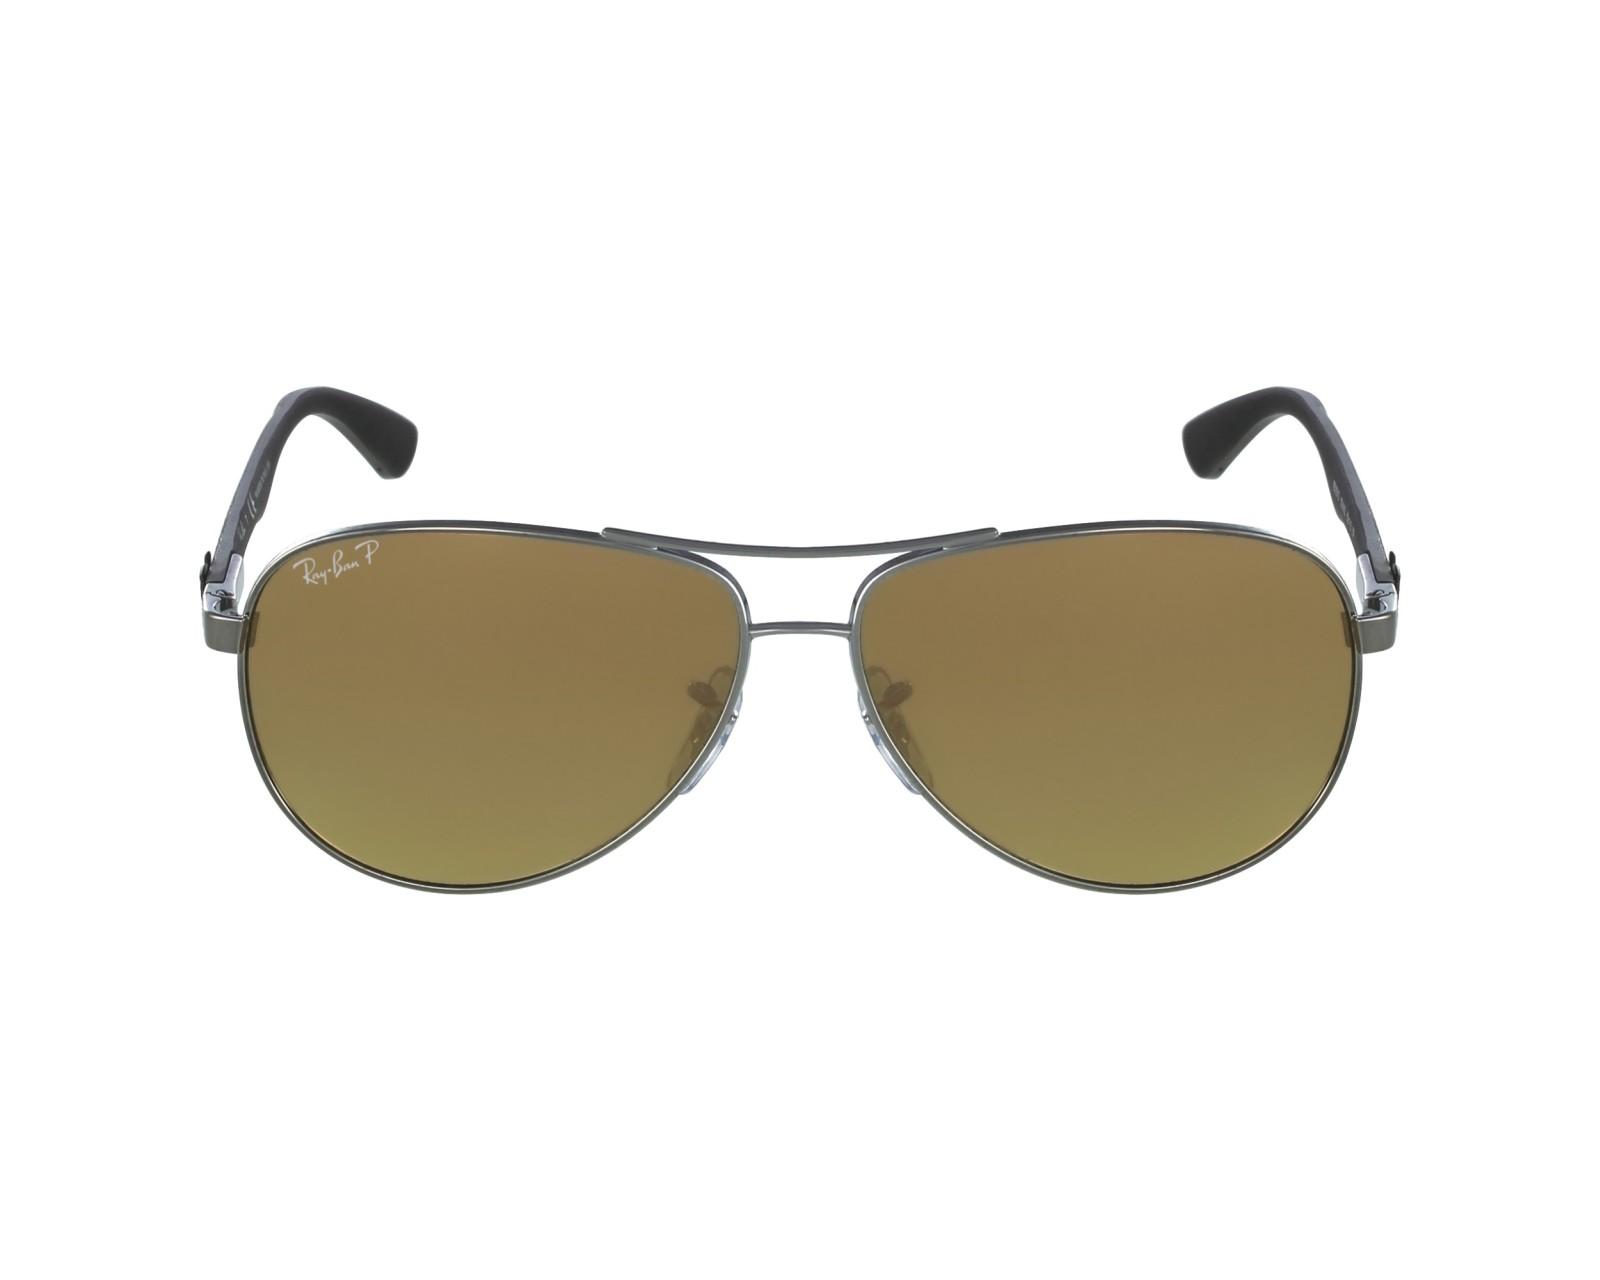 a748d259e6 thumbnail Sunglasses Ray-Ban RB-8313 004 N3 61-13 Gun Carbon